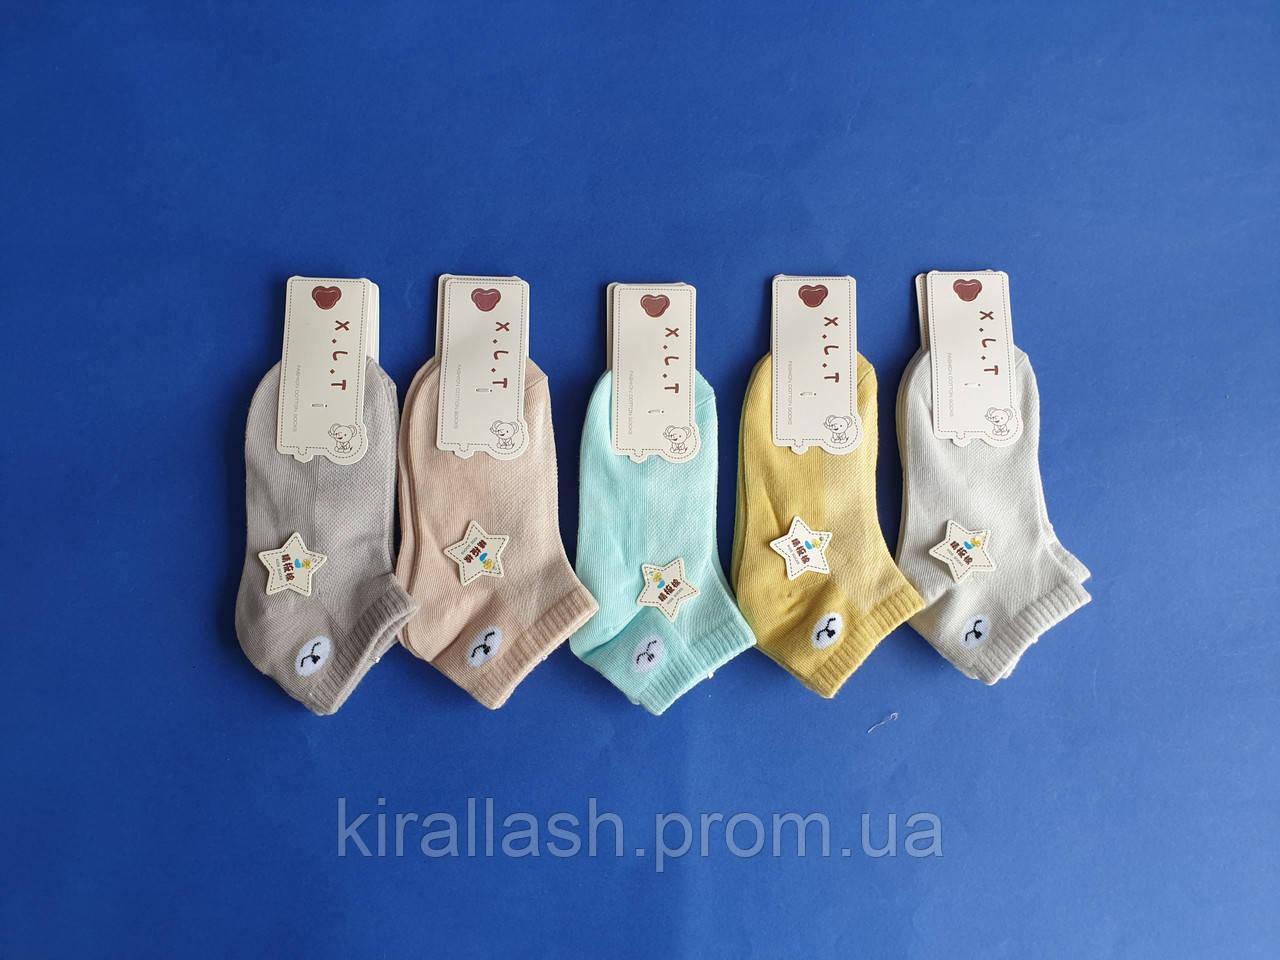 """НОВИНКА! Шкарпетки СІТКА (1-4 роки) бавовна для дівчаток/хлопчиків """"Шугуан"""""""